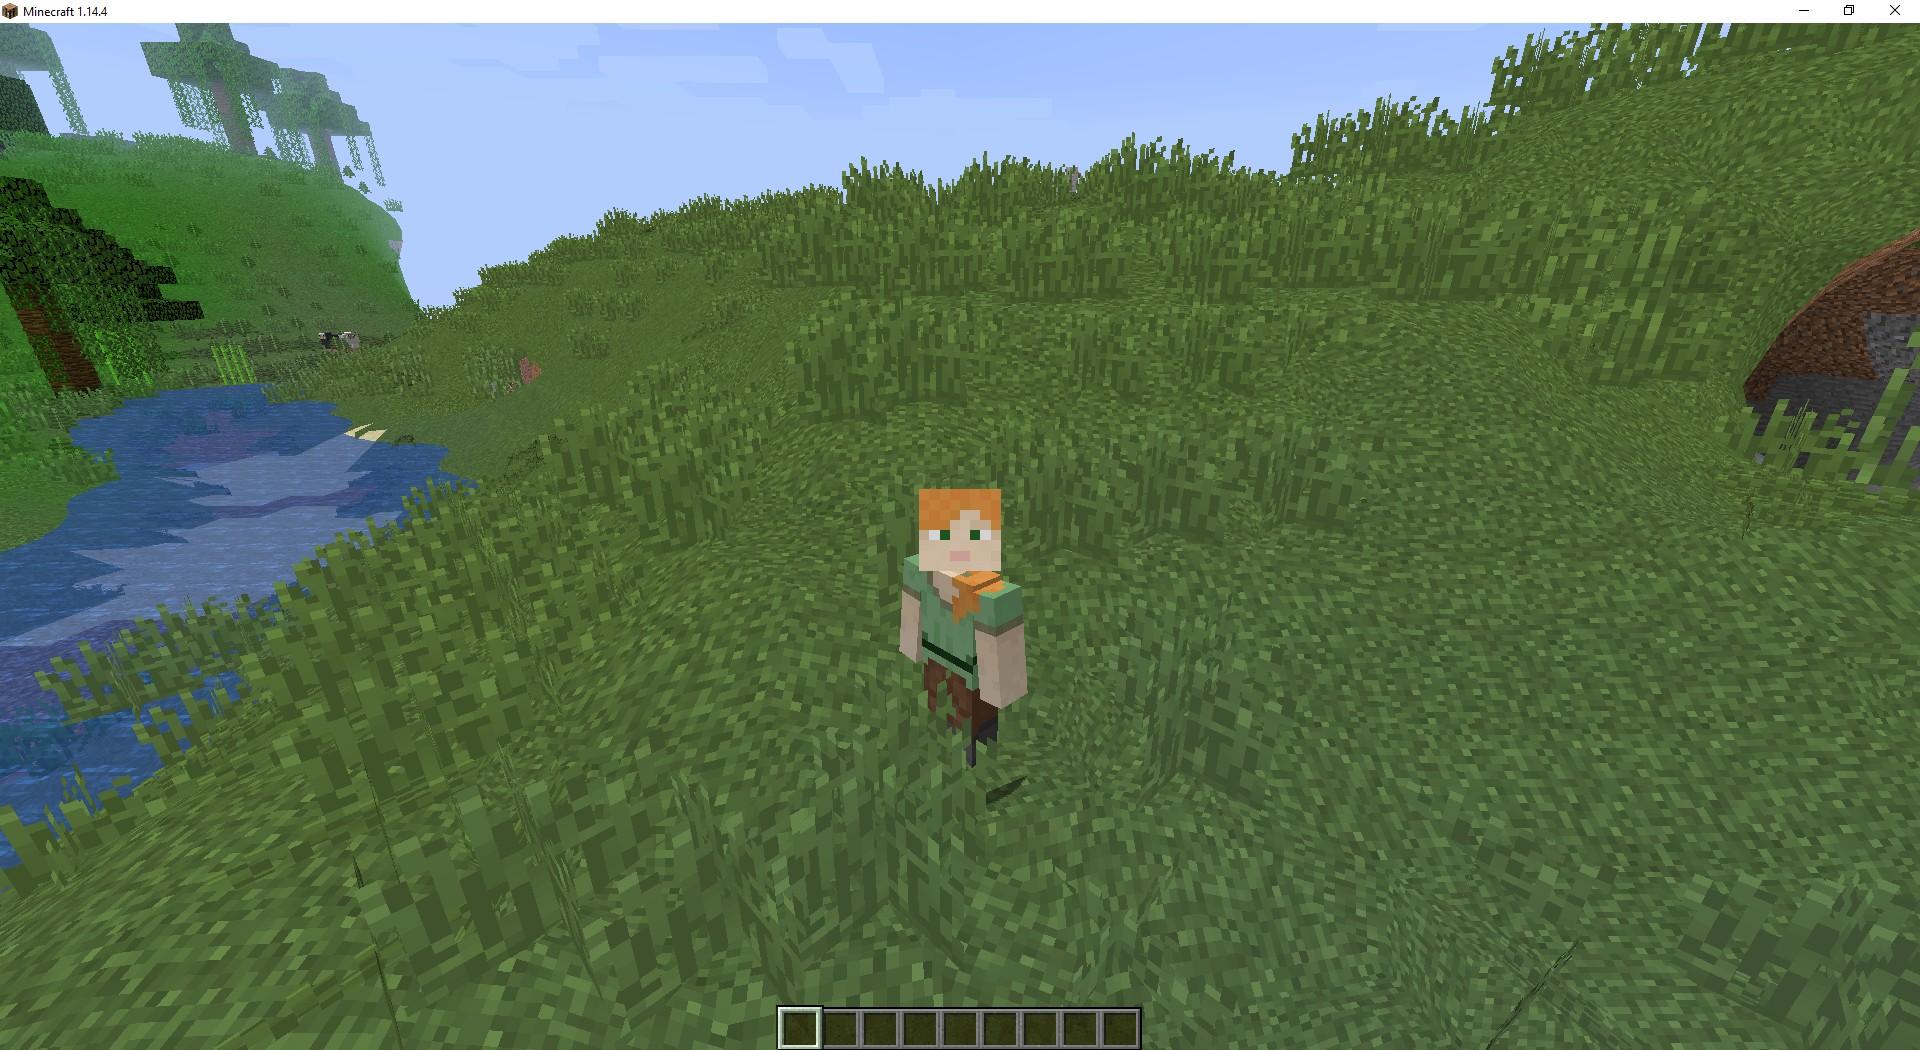 Мод NoCubes (реалистичный ландшафт) - скриншот 1